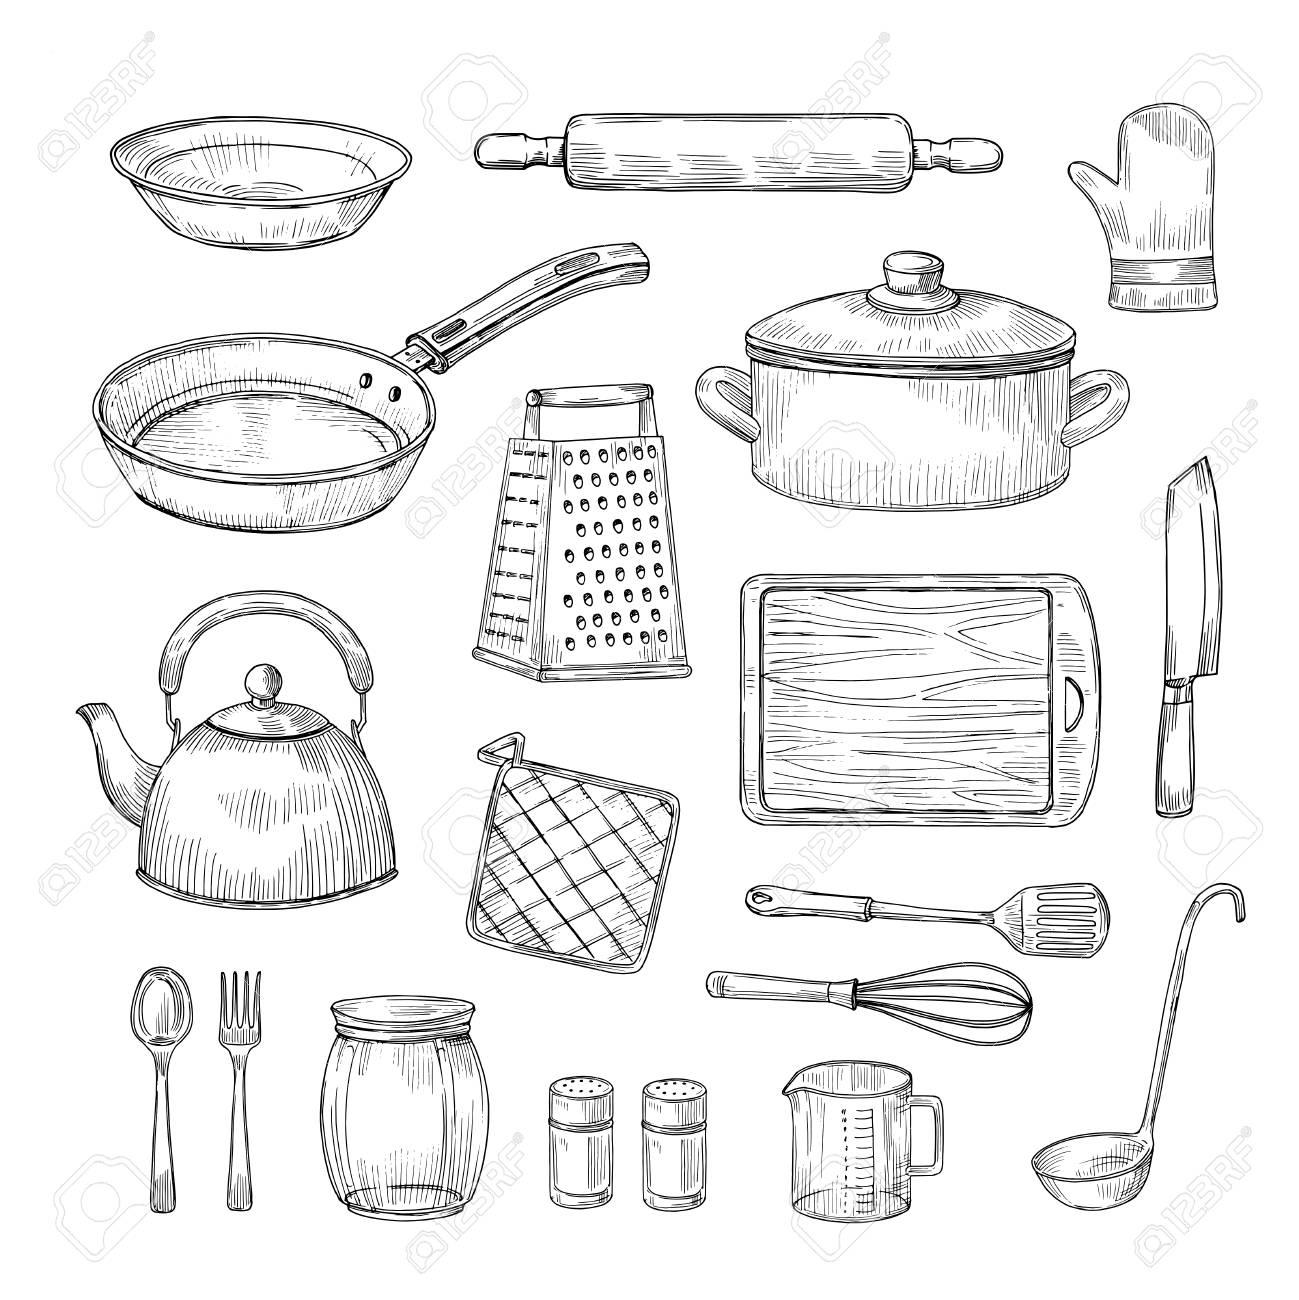 Sketch kitchen tools. Cooking utensils hand drawn kitchenware...